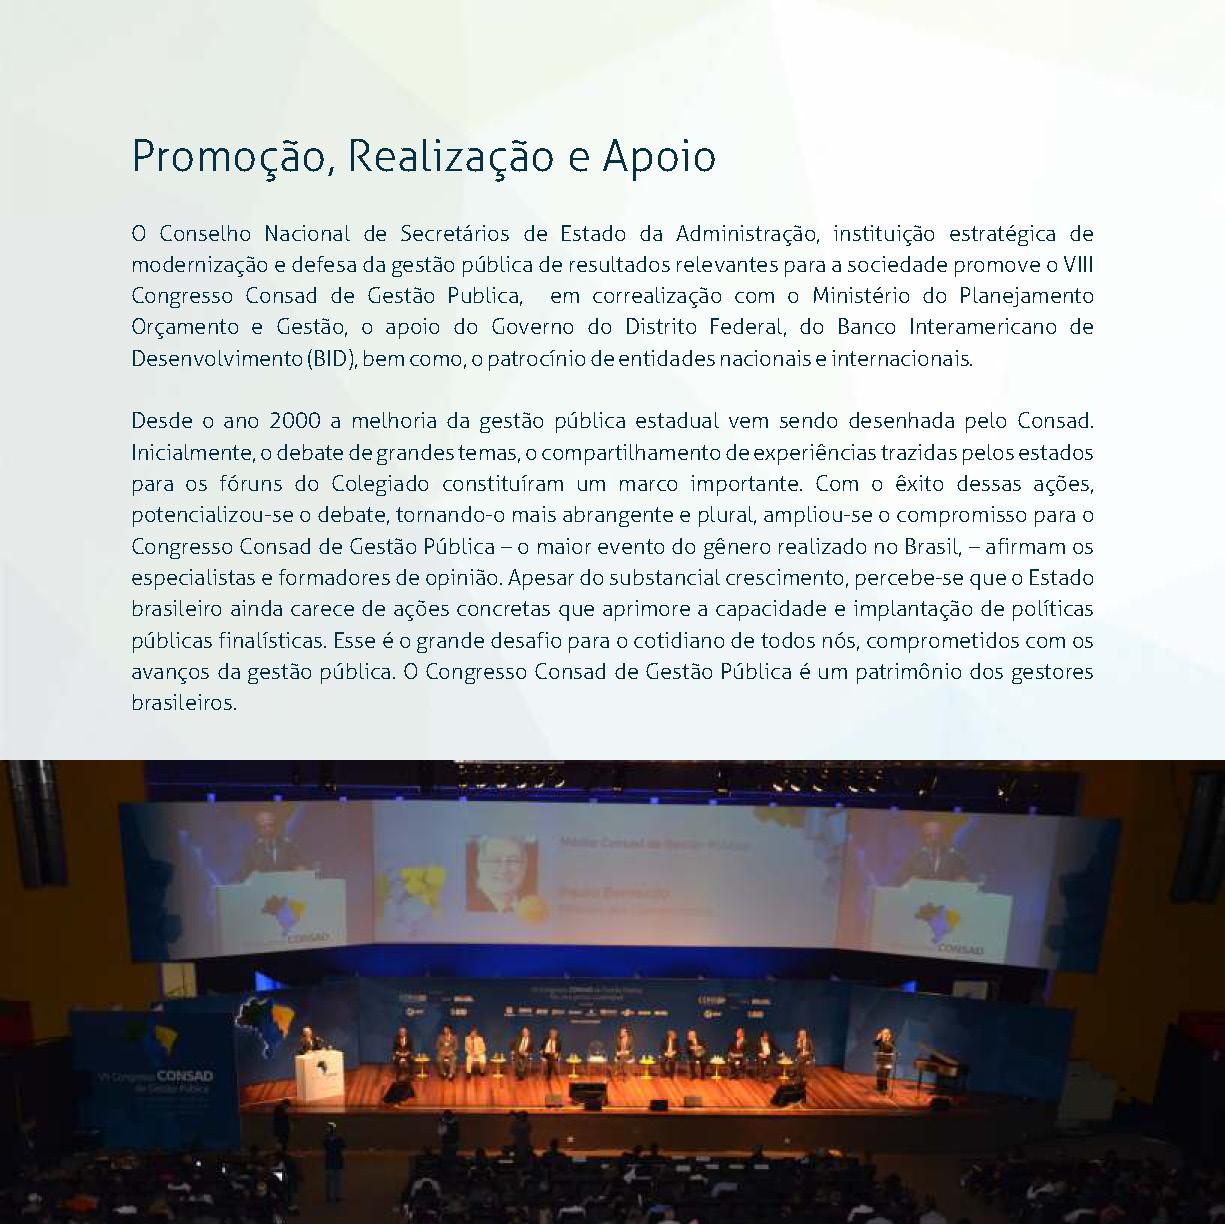 VIII Congresso Consad - Caderno Patrocinio V7_Page_06